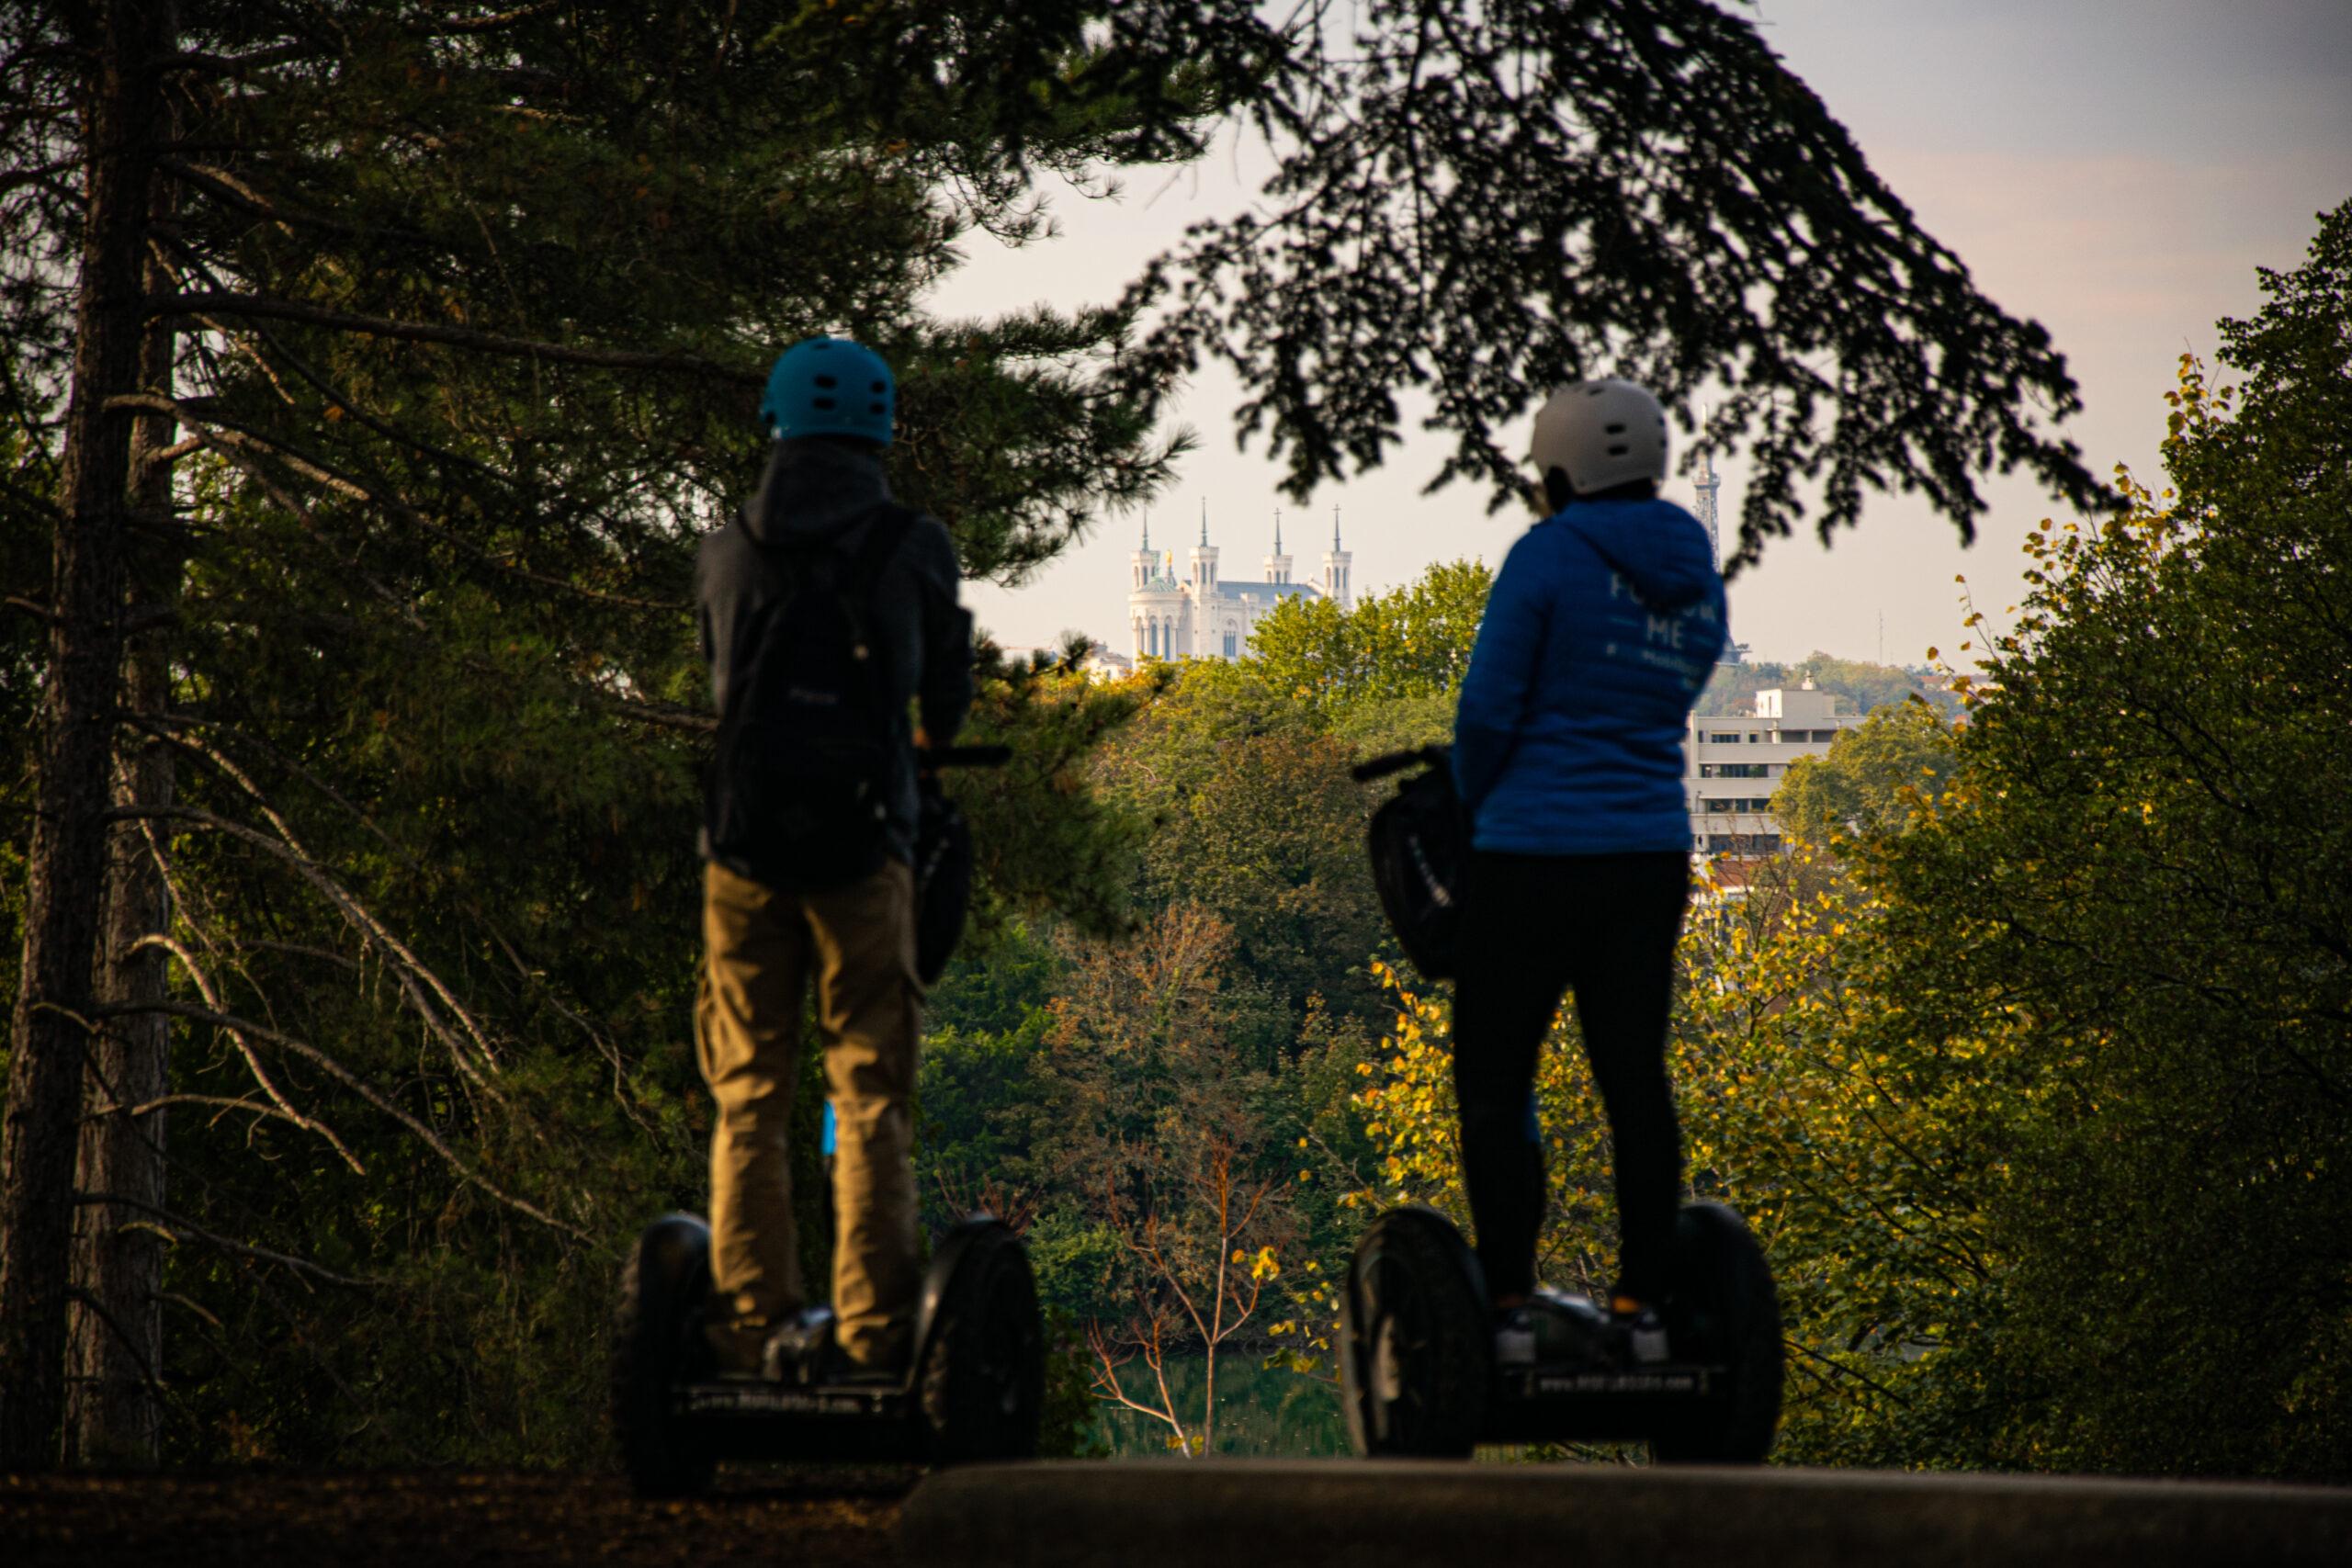 Balade rn Segway au Parc de la Tête d'Or